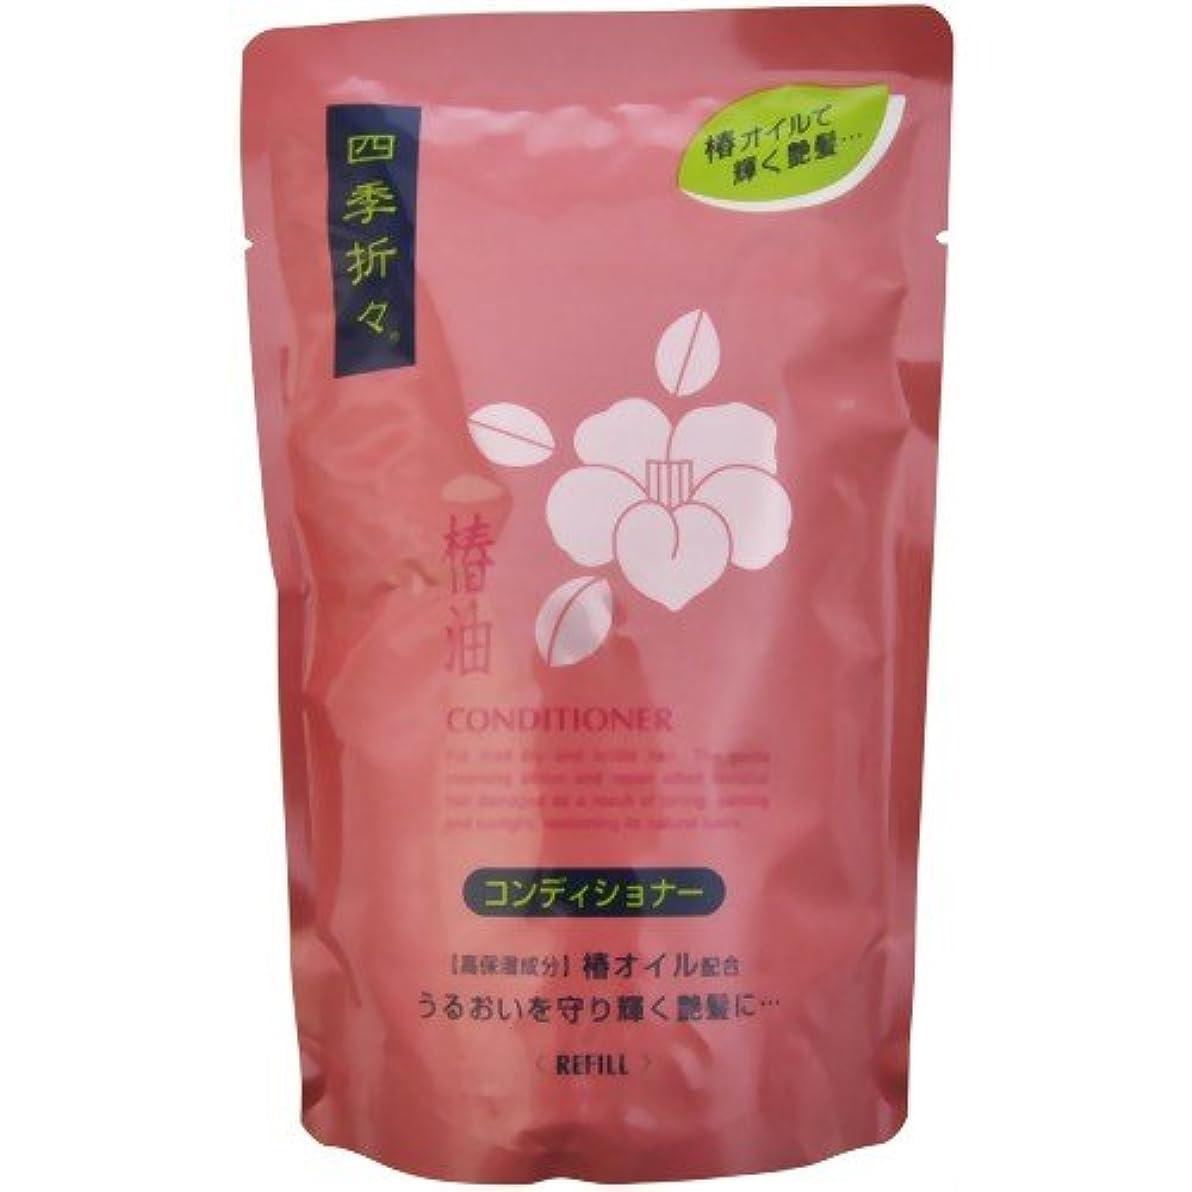 通路記憶に残る似ている熊野油脂 四季折々 椿油コンディショナー 詰替用 450ml